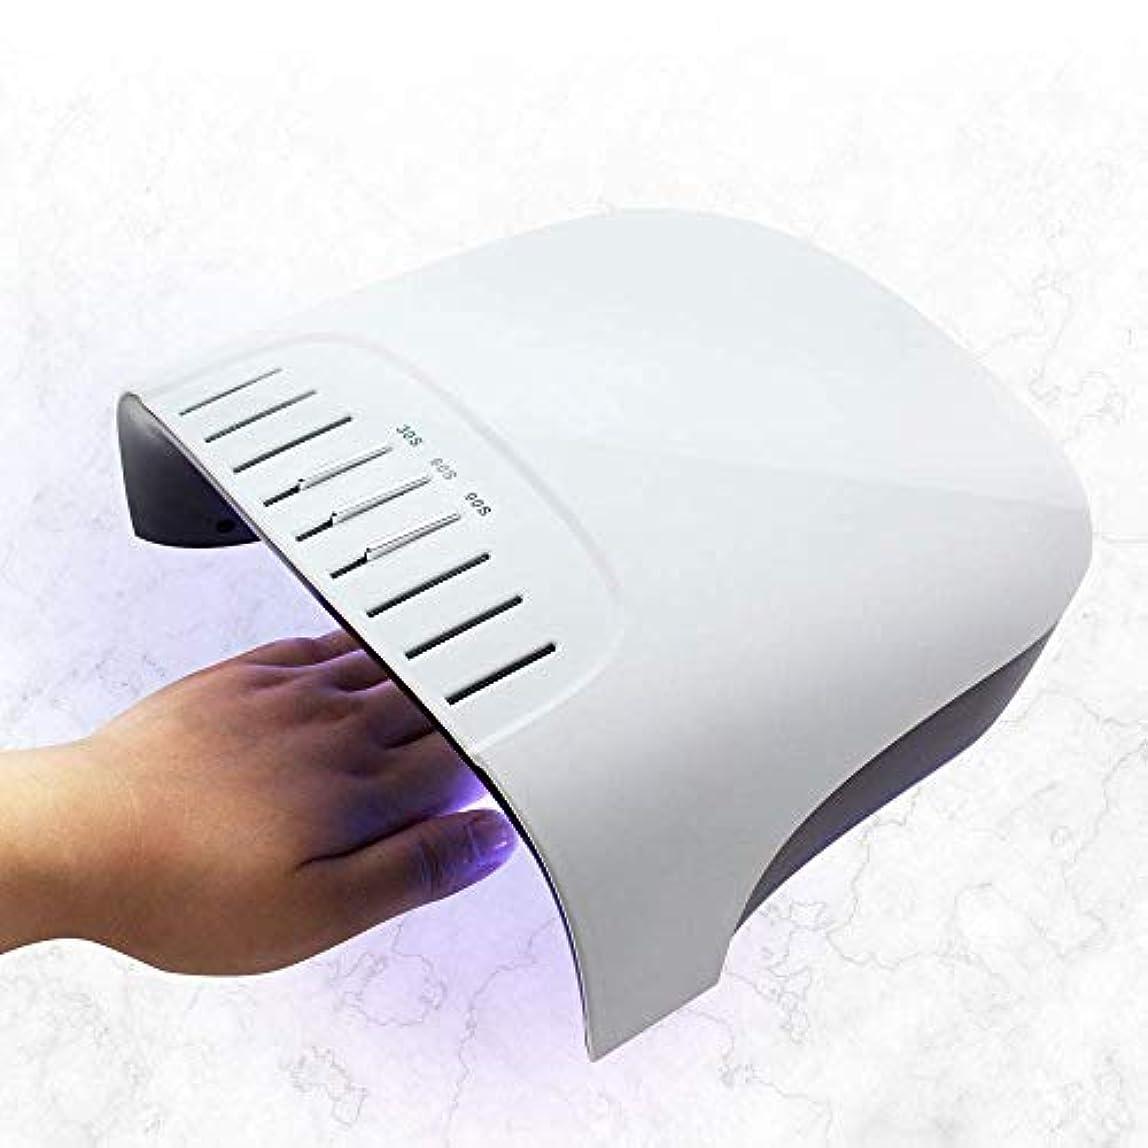 ブランチ広がりスポット60ワットledネイルドライヤー内部アップグレード液晶タイマーとボタン36ピースuv led紫外線ネイルランプ用ゲルポリッシュネイルアートツール